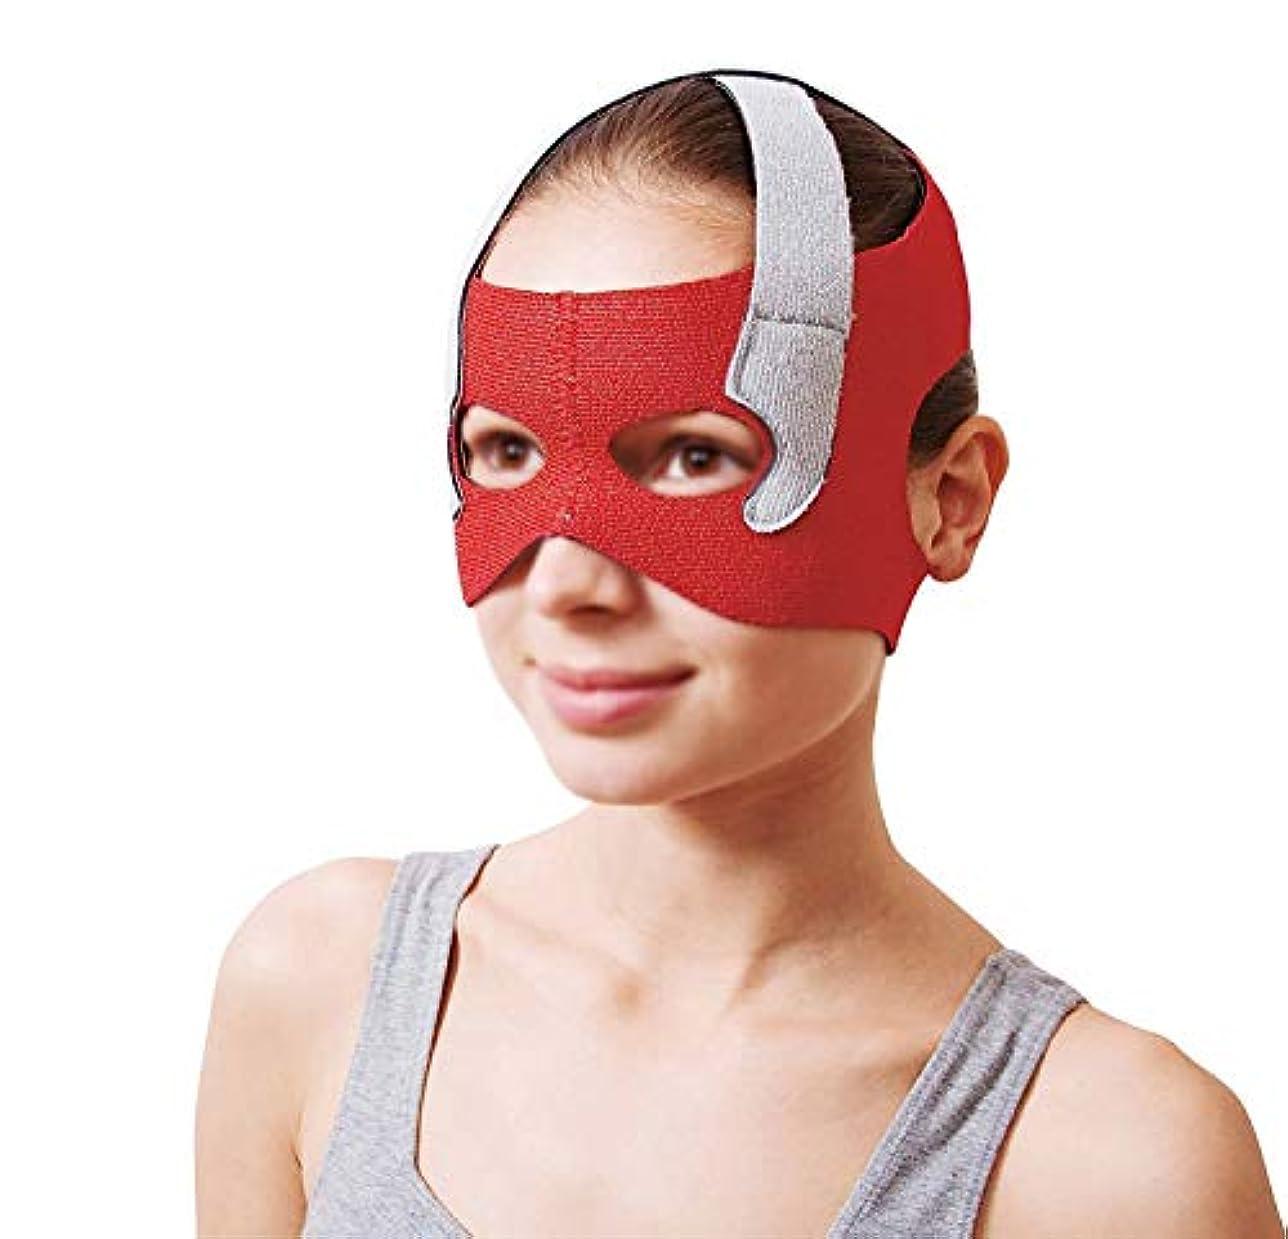 召喚する比較消費するTLMY フェイシャルリフティングマスク回復包帯ヘッドギアマスクシンフェイスマスクアーティファクト美容ベルトフェイシャルとネックリフティングフェイシャル円周57-68 cm 顔用整形マスク